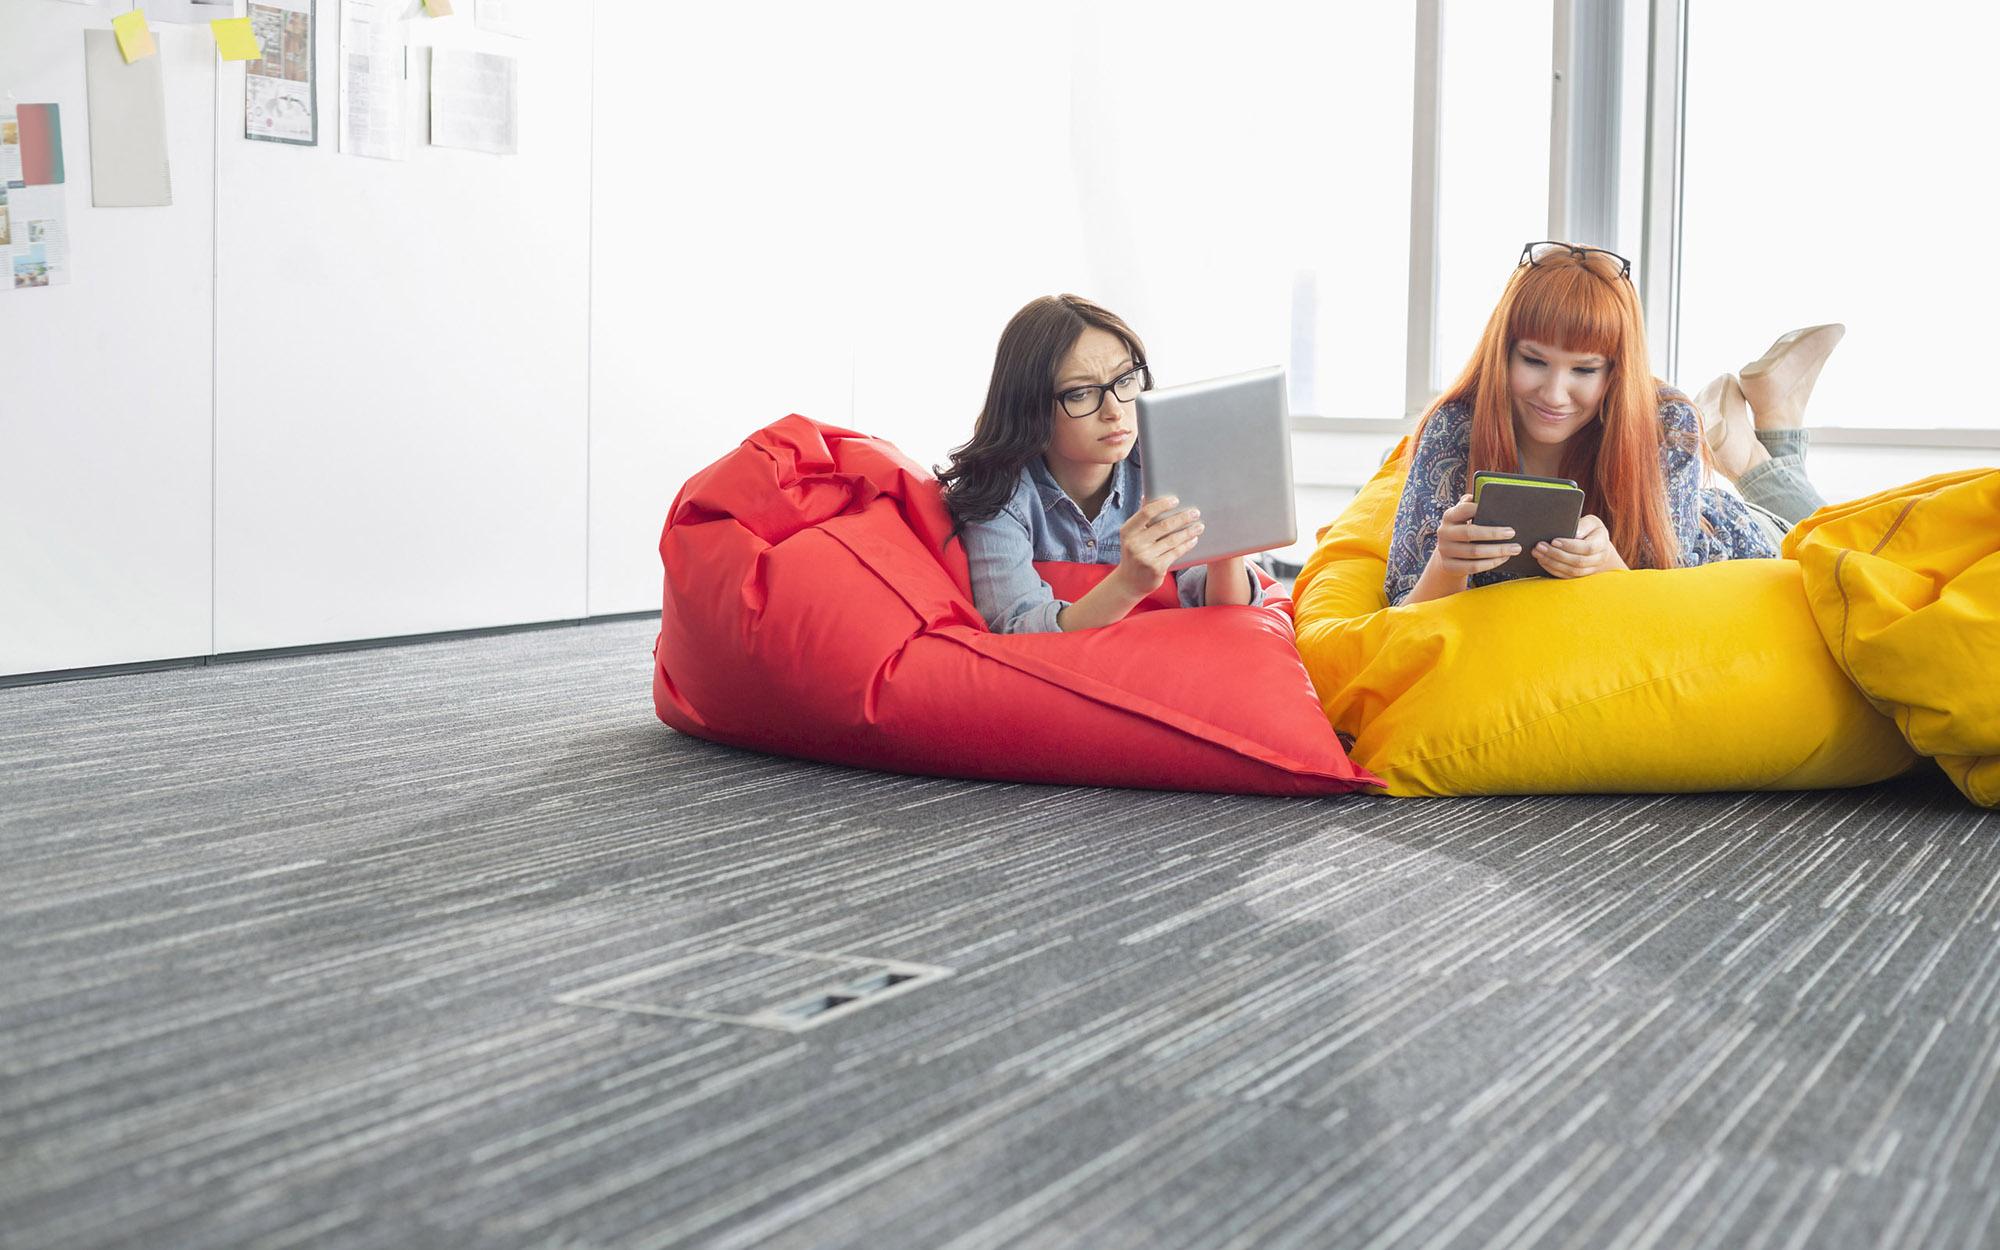 Красное и желтое кресло-мешок в интерьере